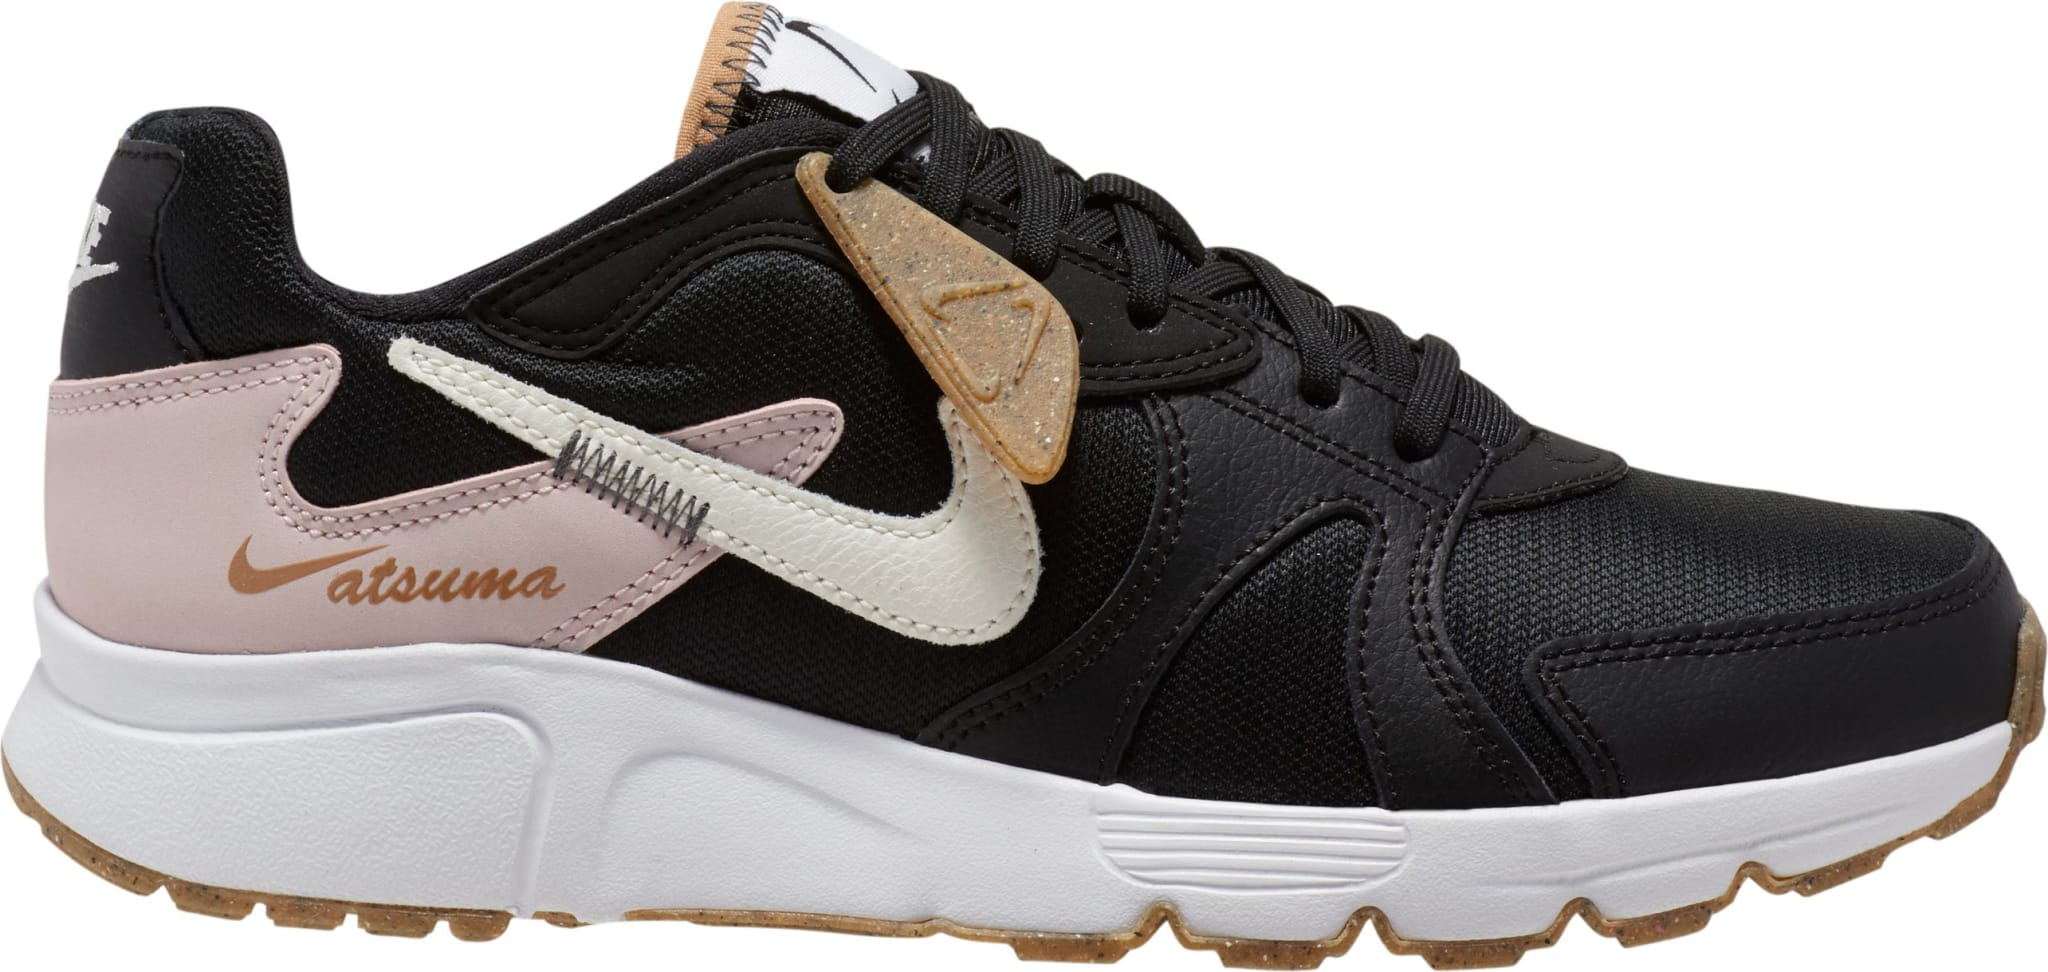 Nike Atsuma Women's Shoe